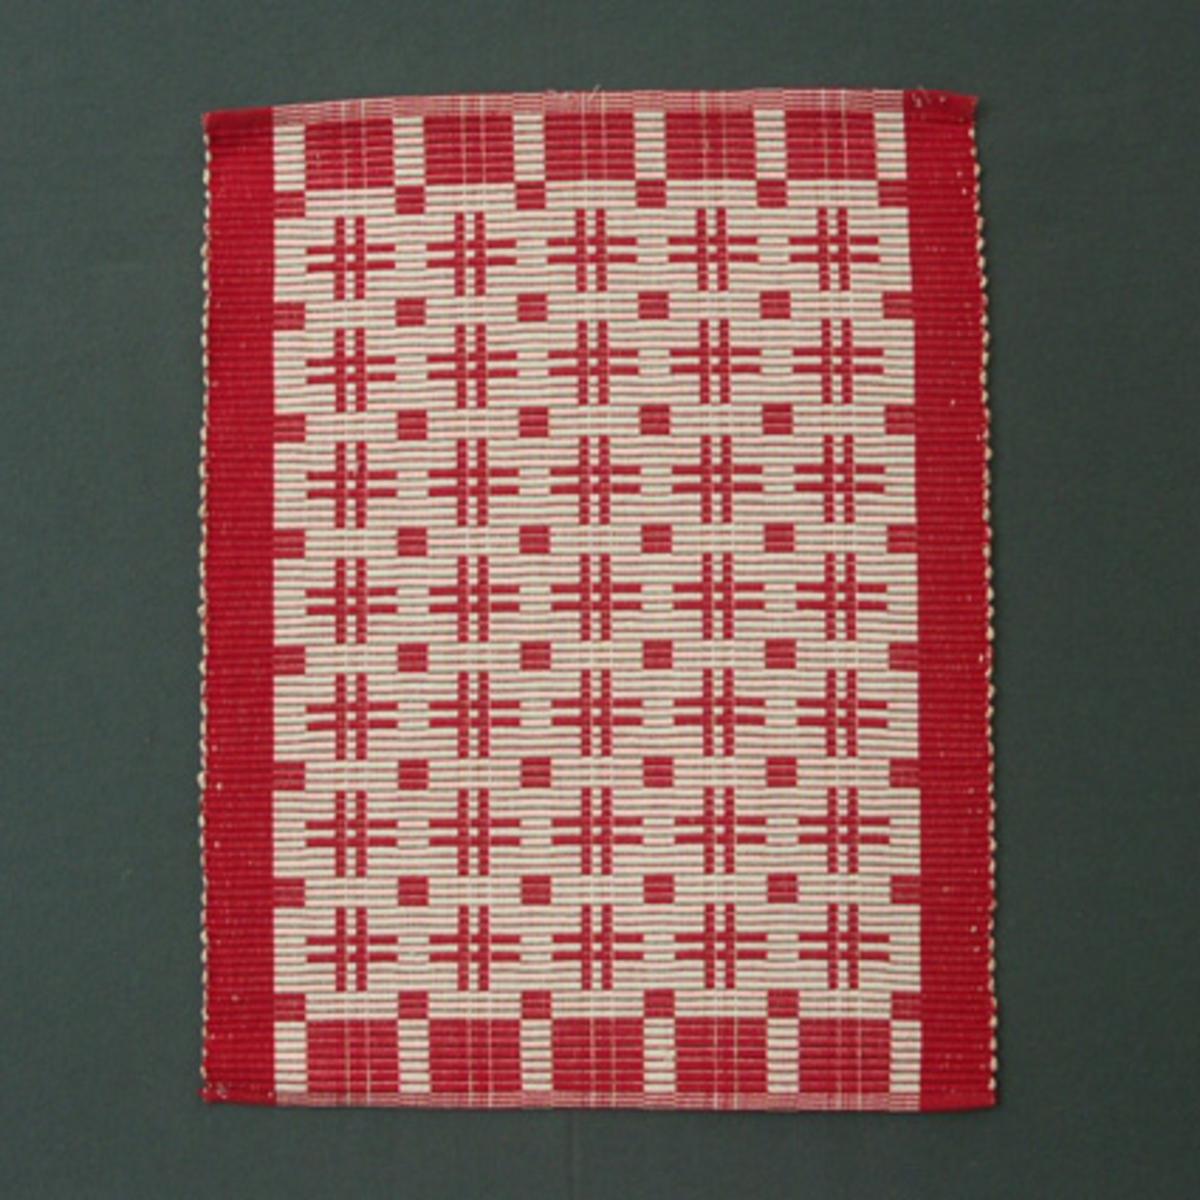 Tablett i rött och vitt vävd i varprips. Vävsedel finns i pärm nr 201 Rips, sida 9.